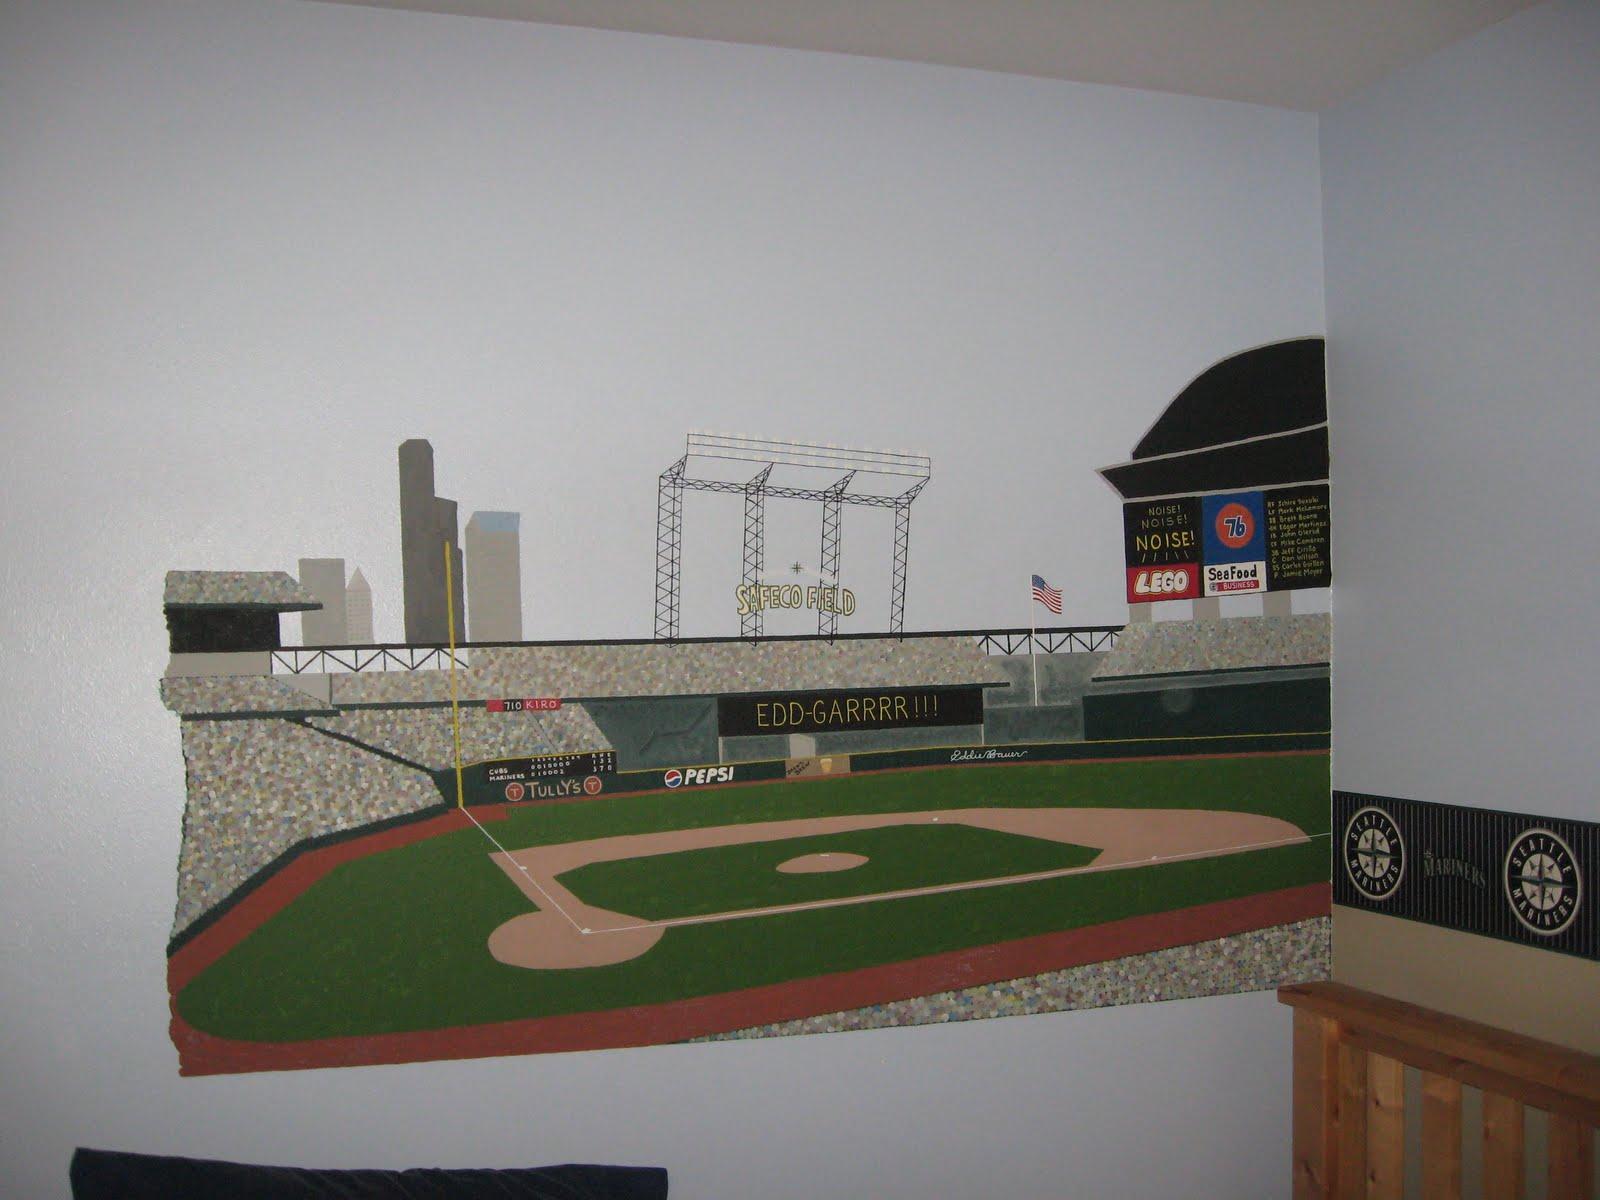 Baseball Wallpaper for Bedrooms - WallpaperSafari